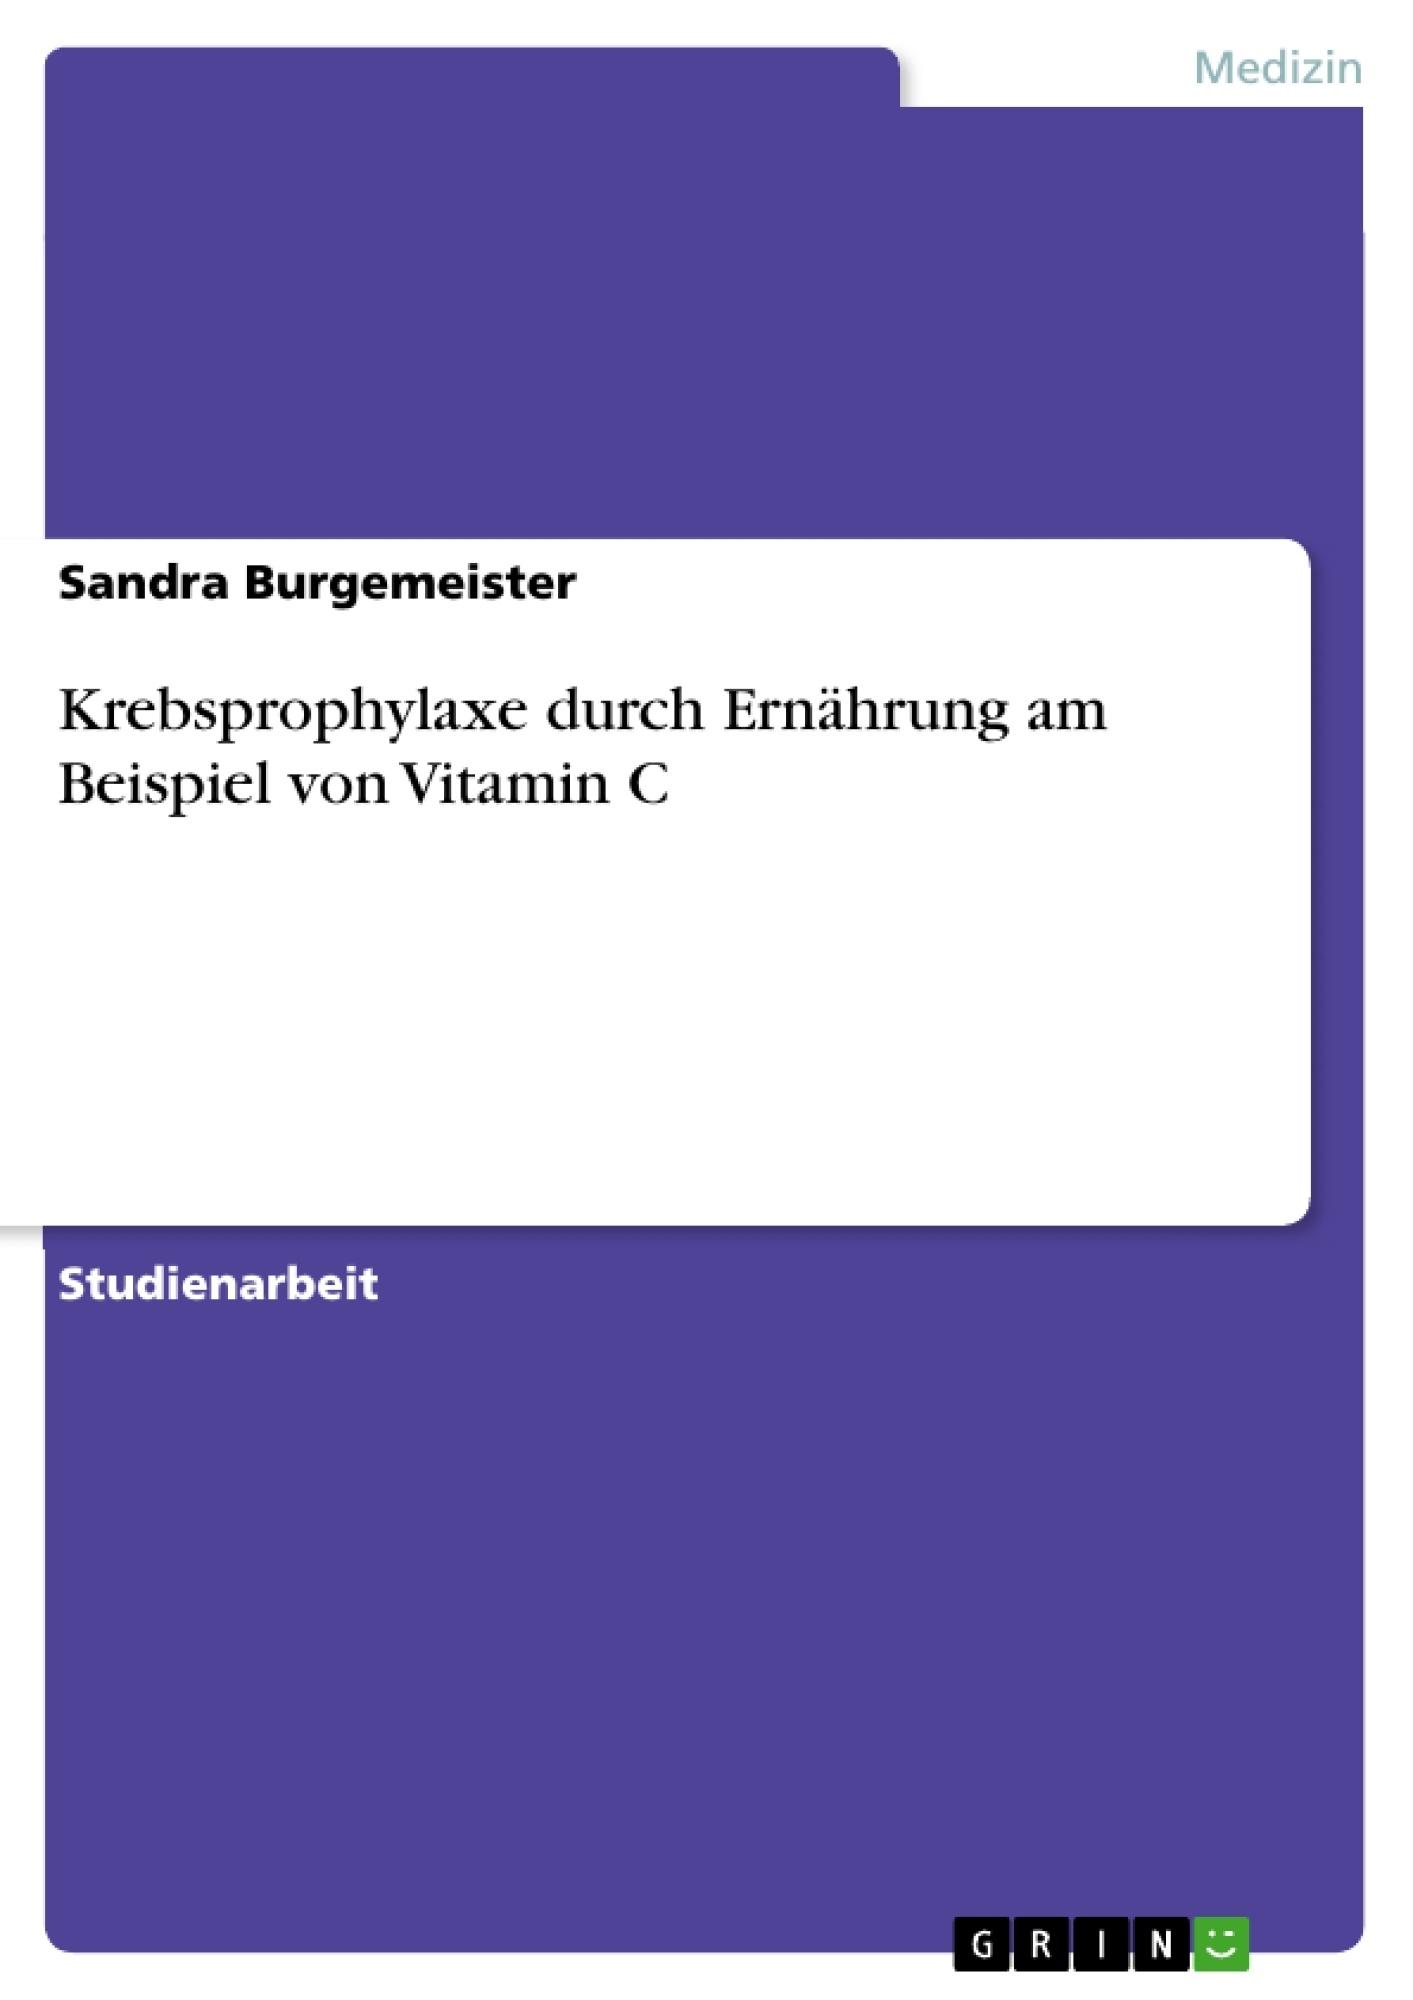 Titel: Krebsprophylaxe durch Ernährung am Beispiel von Vitamin C